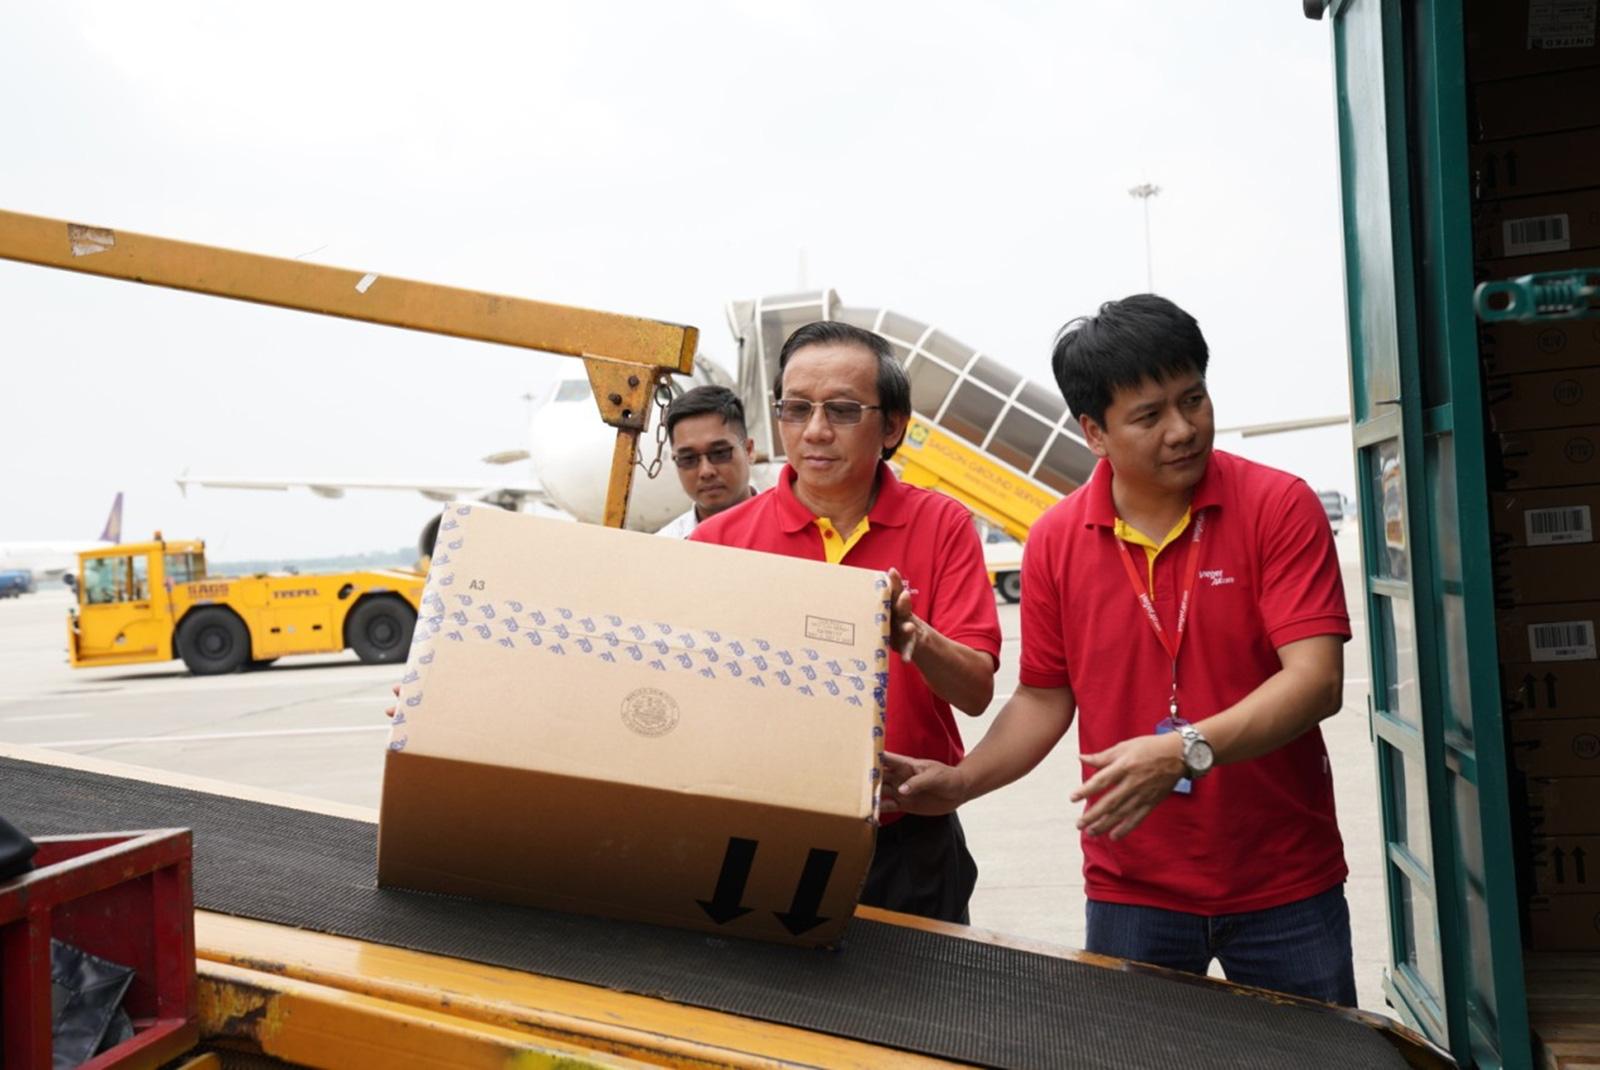 Hàng không miễn phí vận chuyển hàng hoá tới các tỉnh miền Trung  - Ảnh 3.